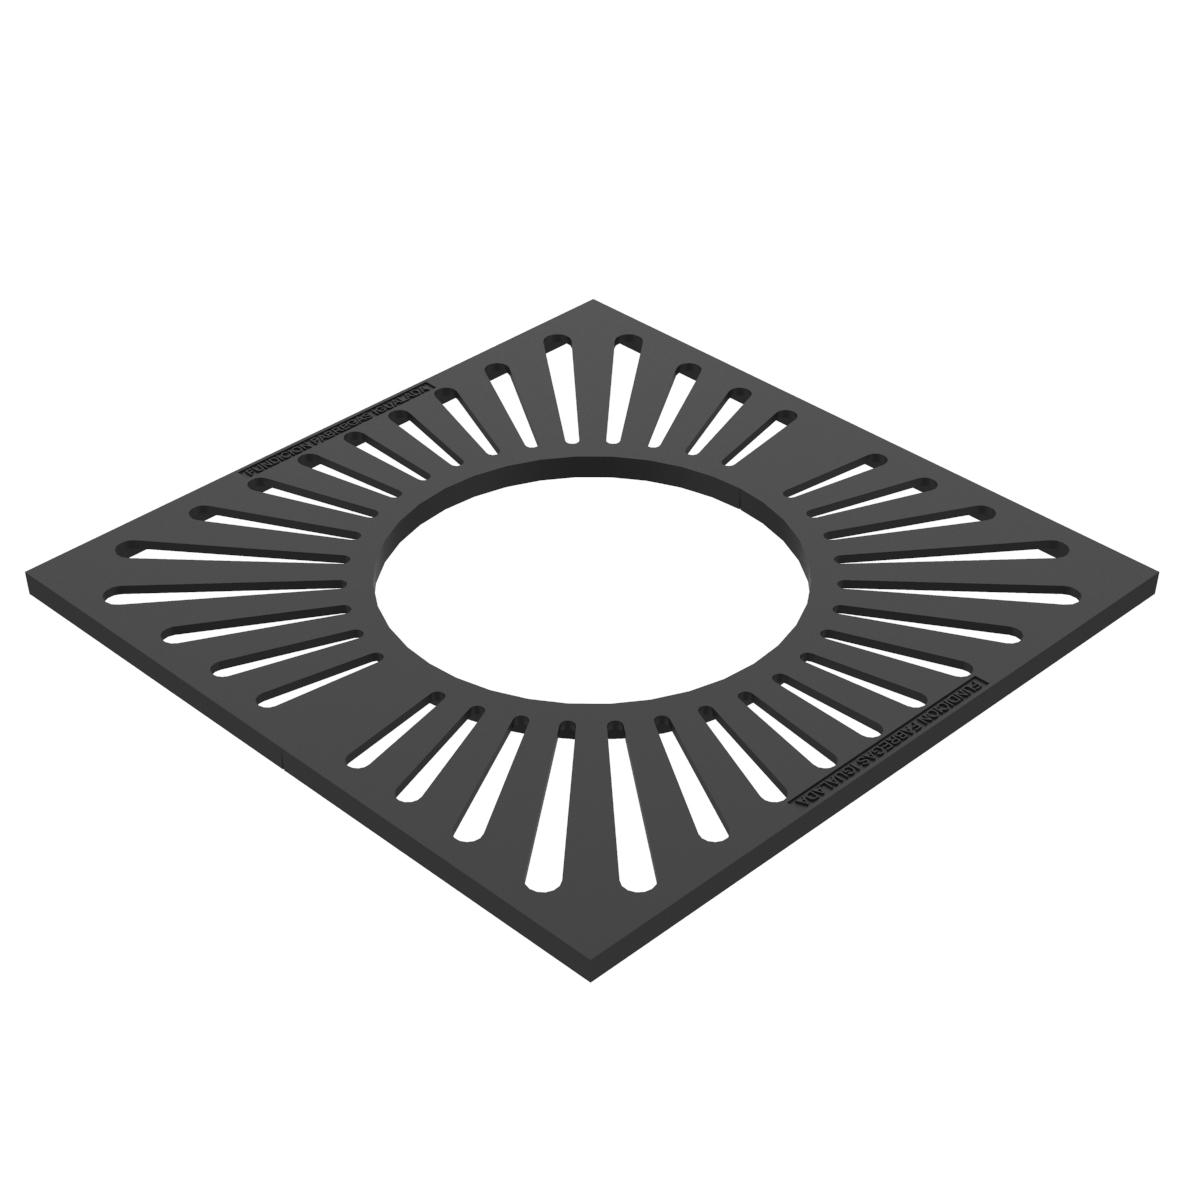 Alcorque cuadrado 800x800 -C-49x